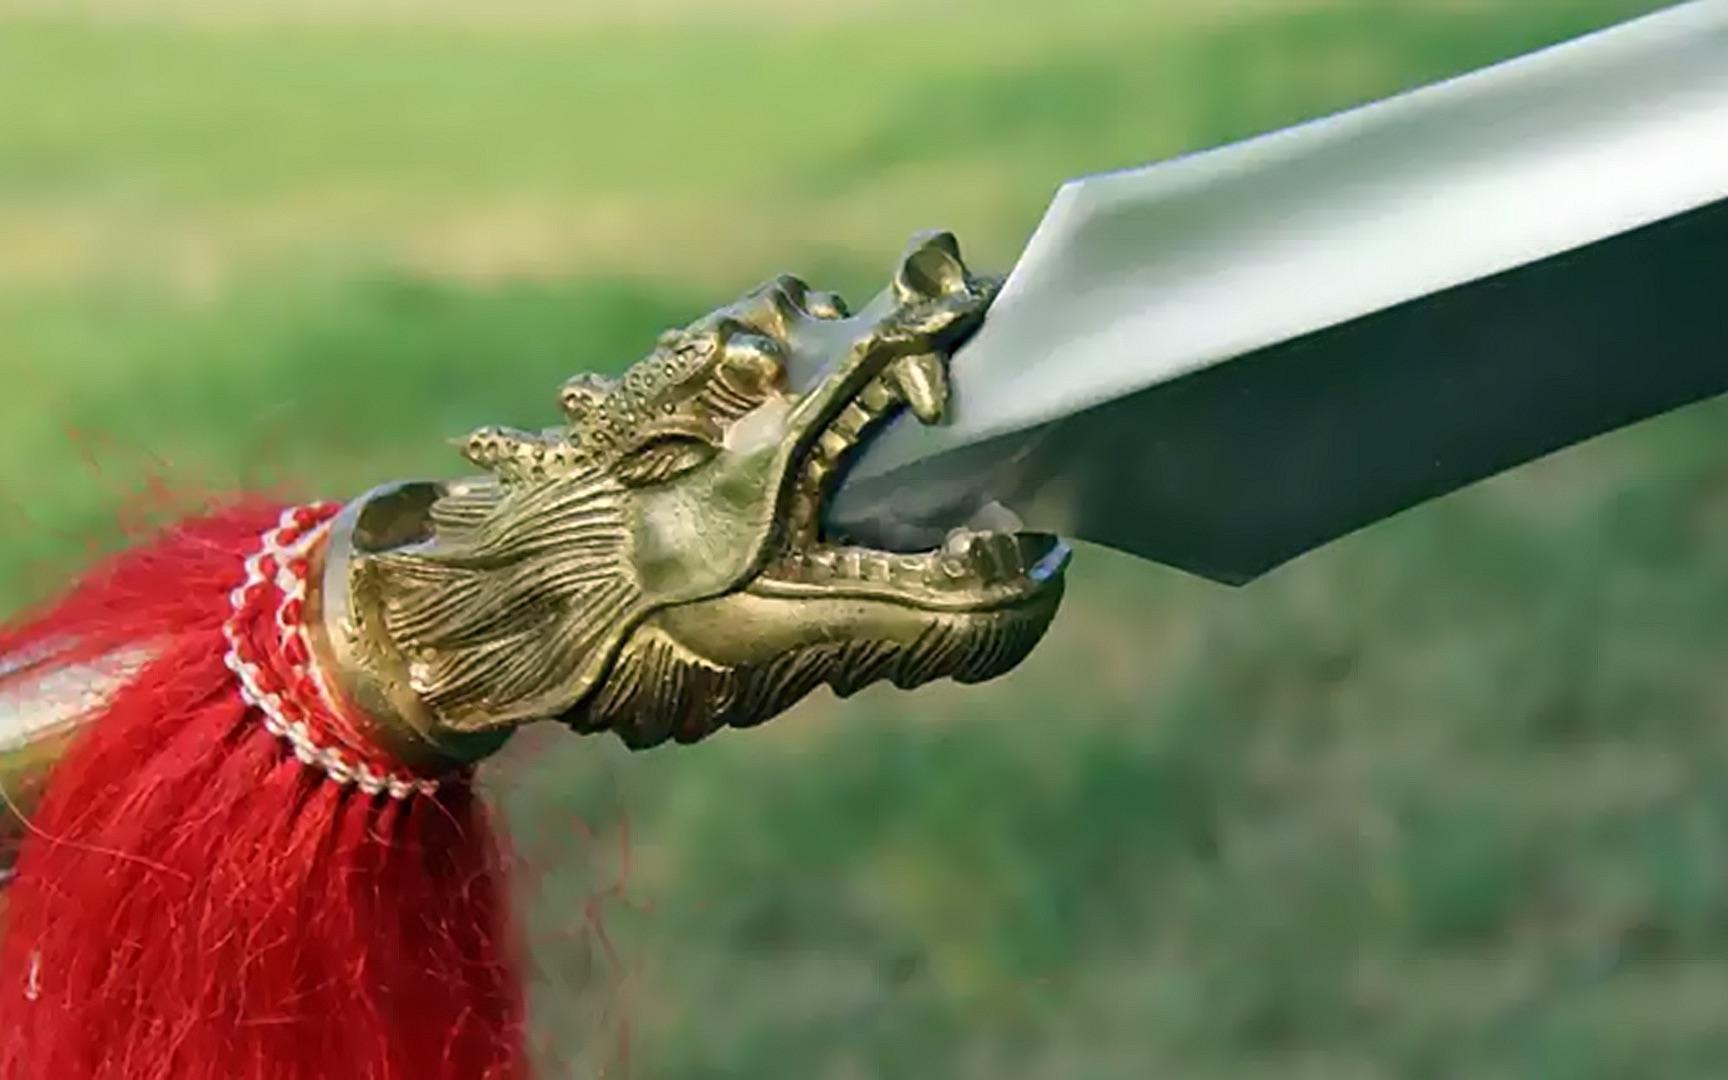 小霸王骁勇善战,红缨枪战无不胜,却惨死在最亲近的人手里,港片